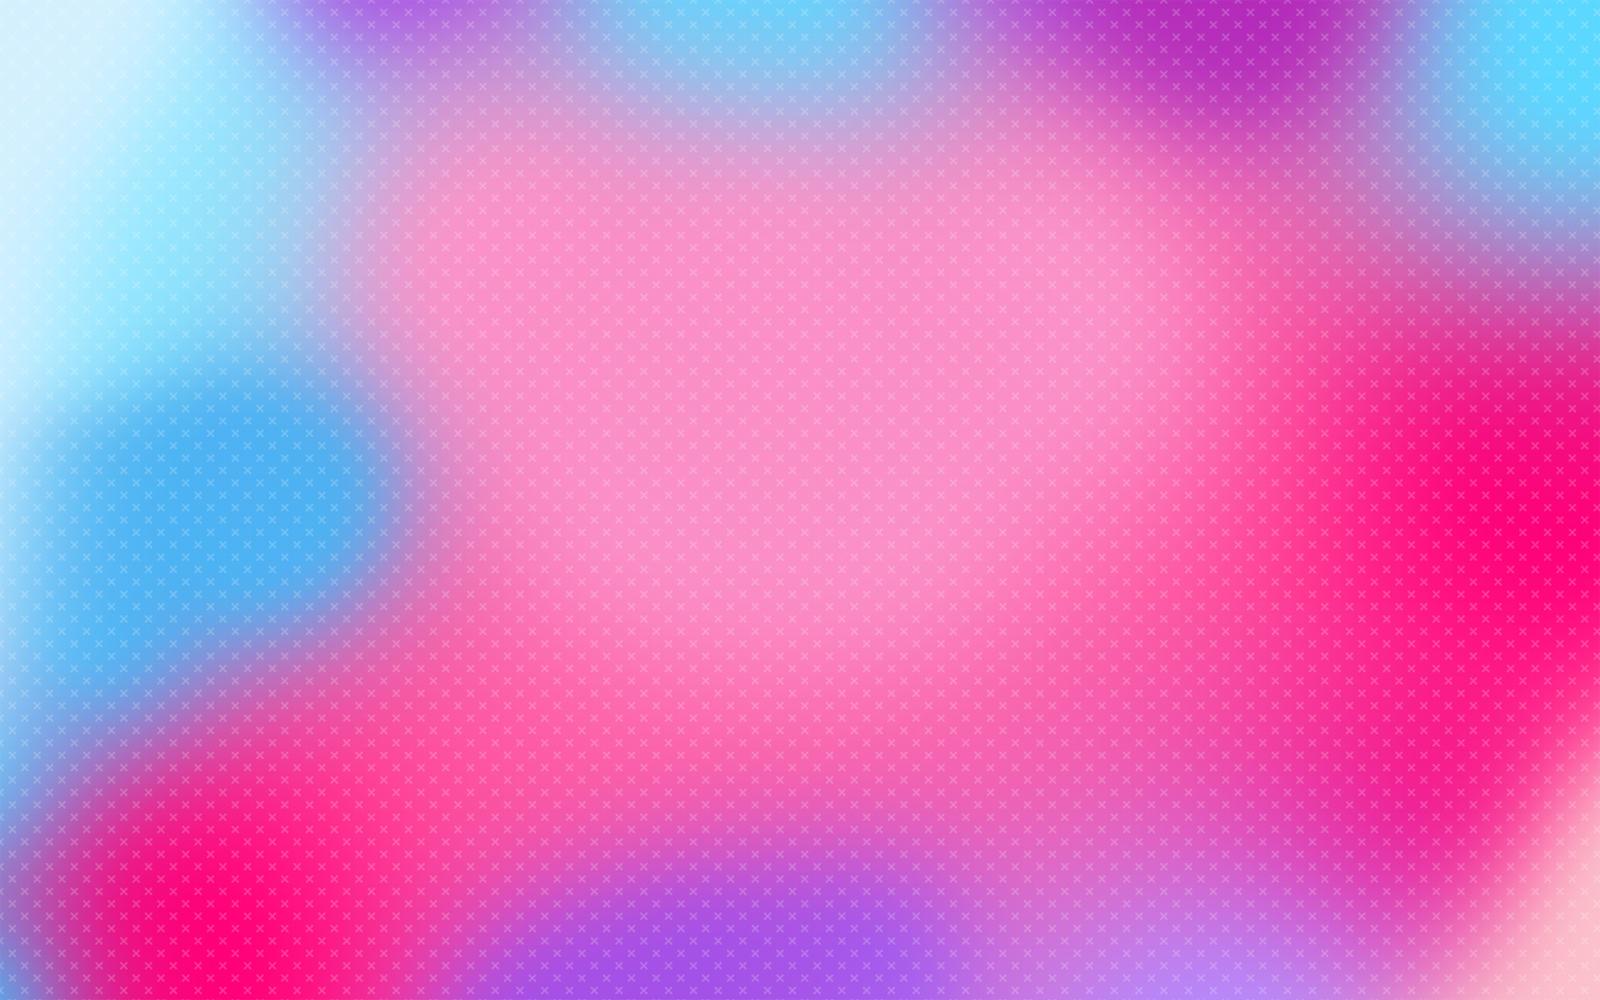 Pink Wallpaper Images - WallpaperSafari